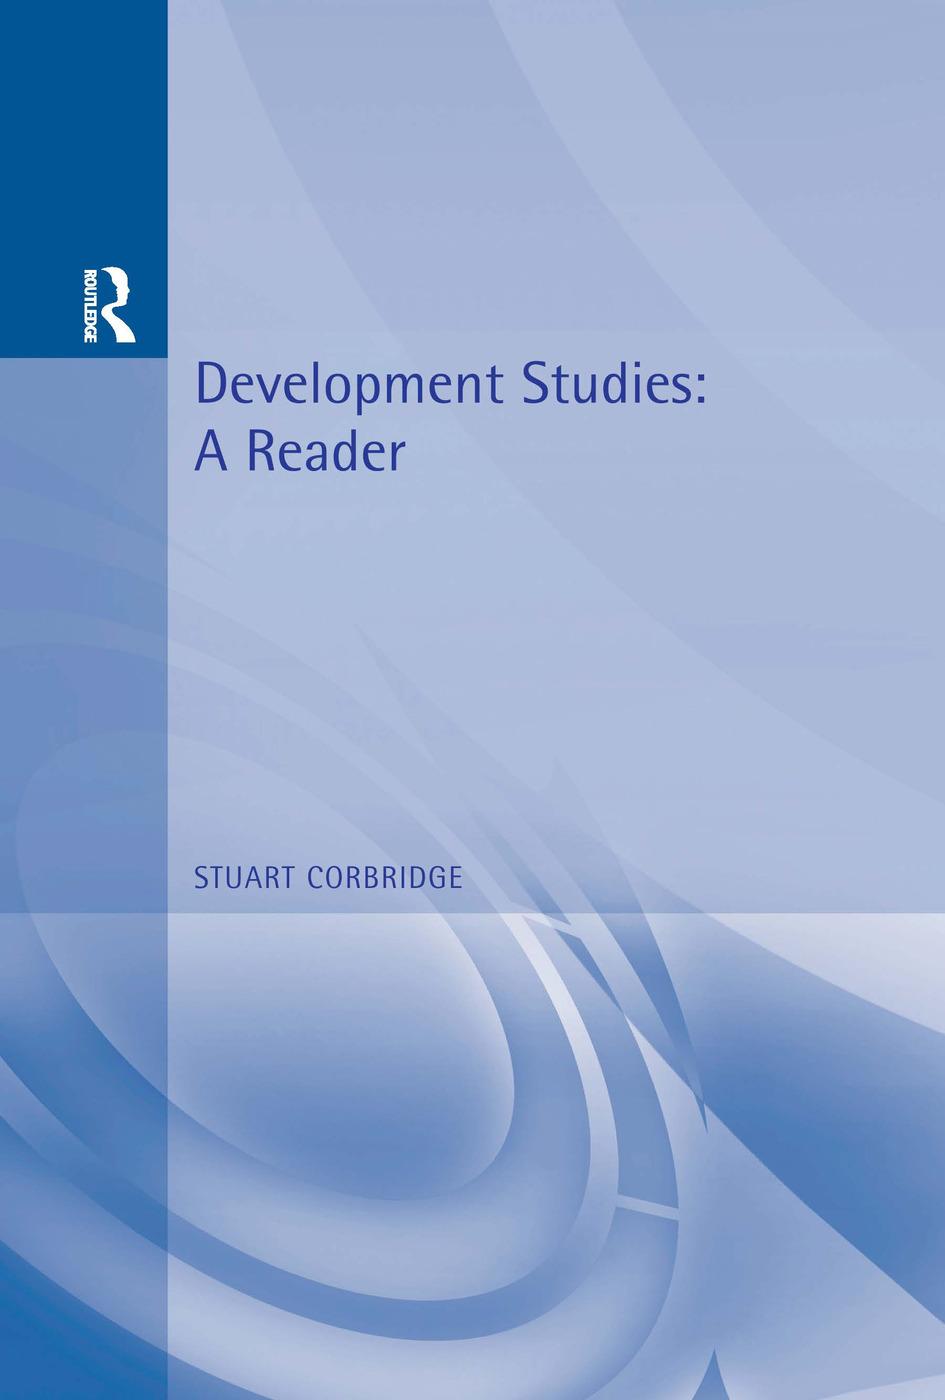 Development Studies: A Reader